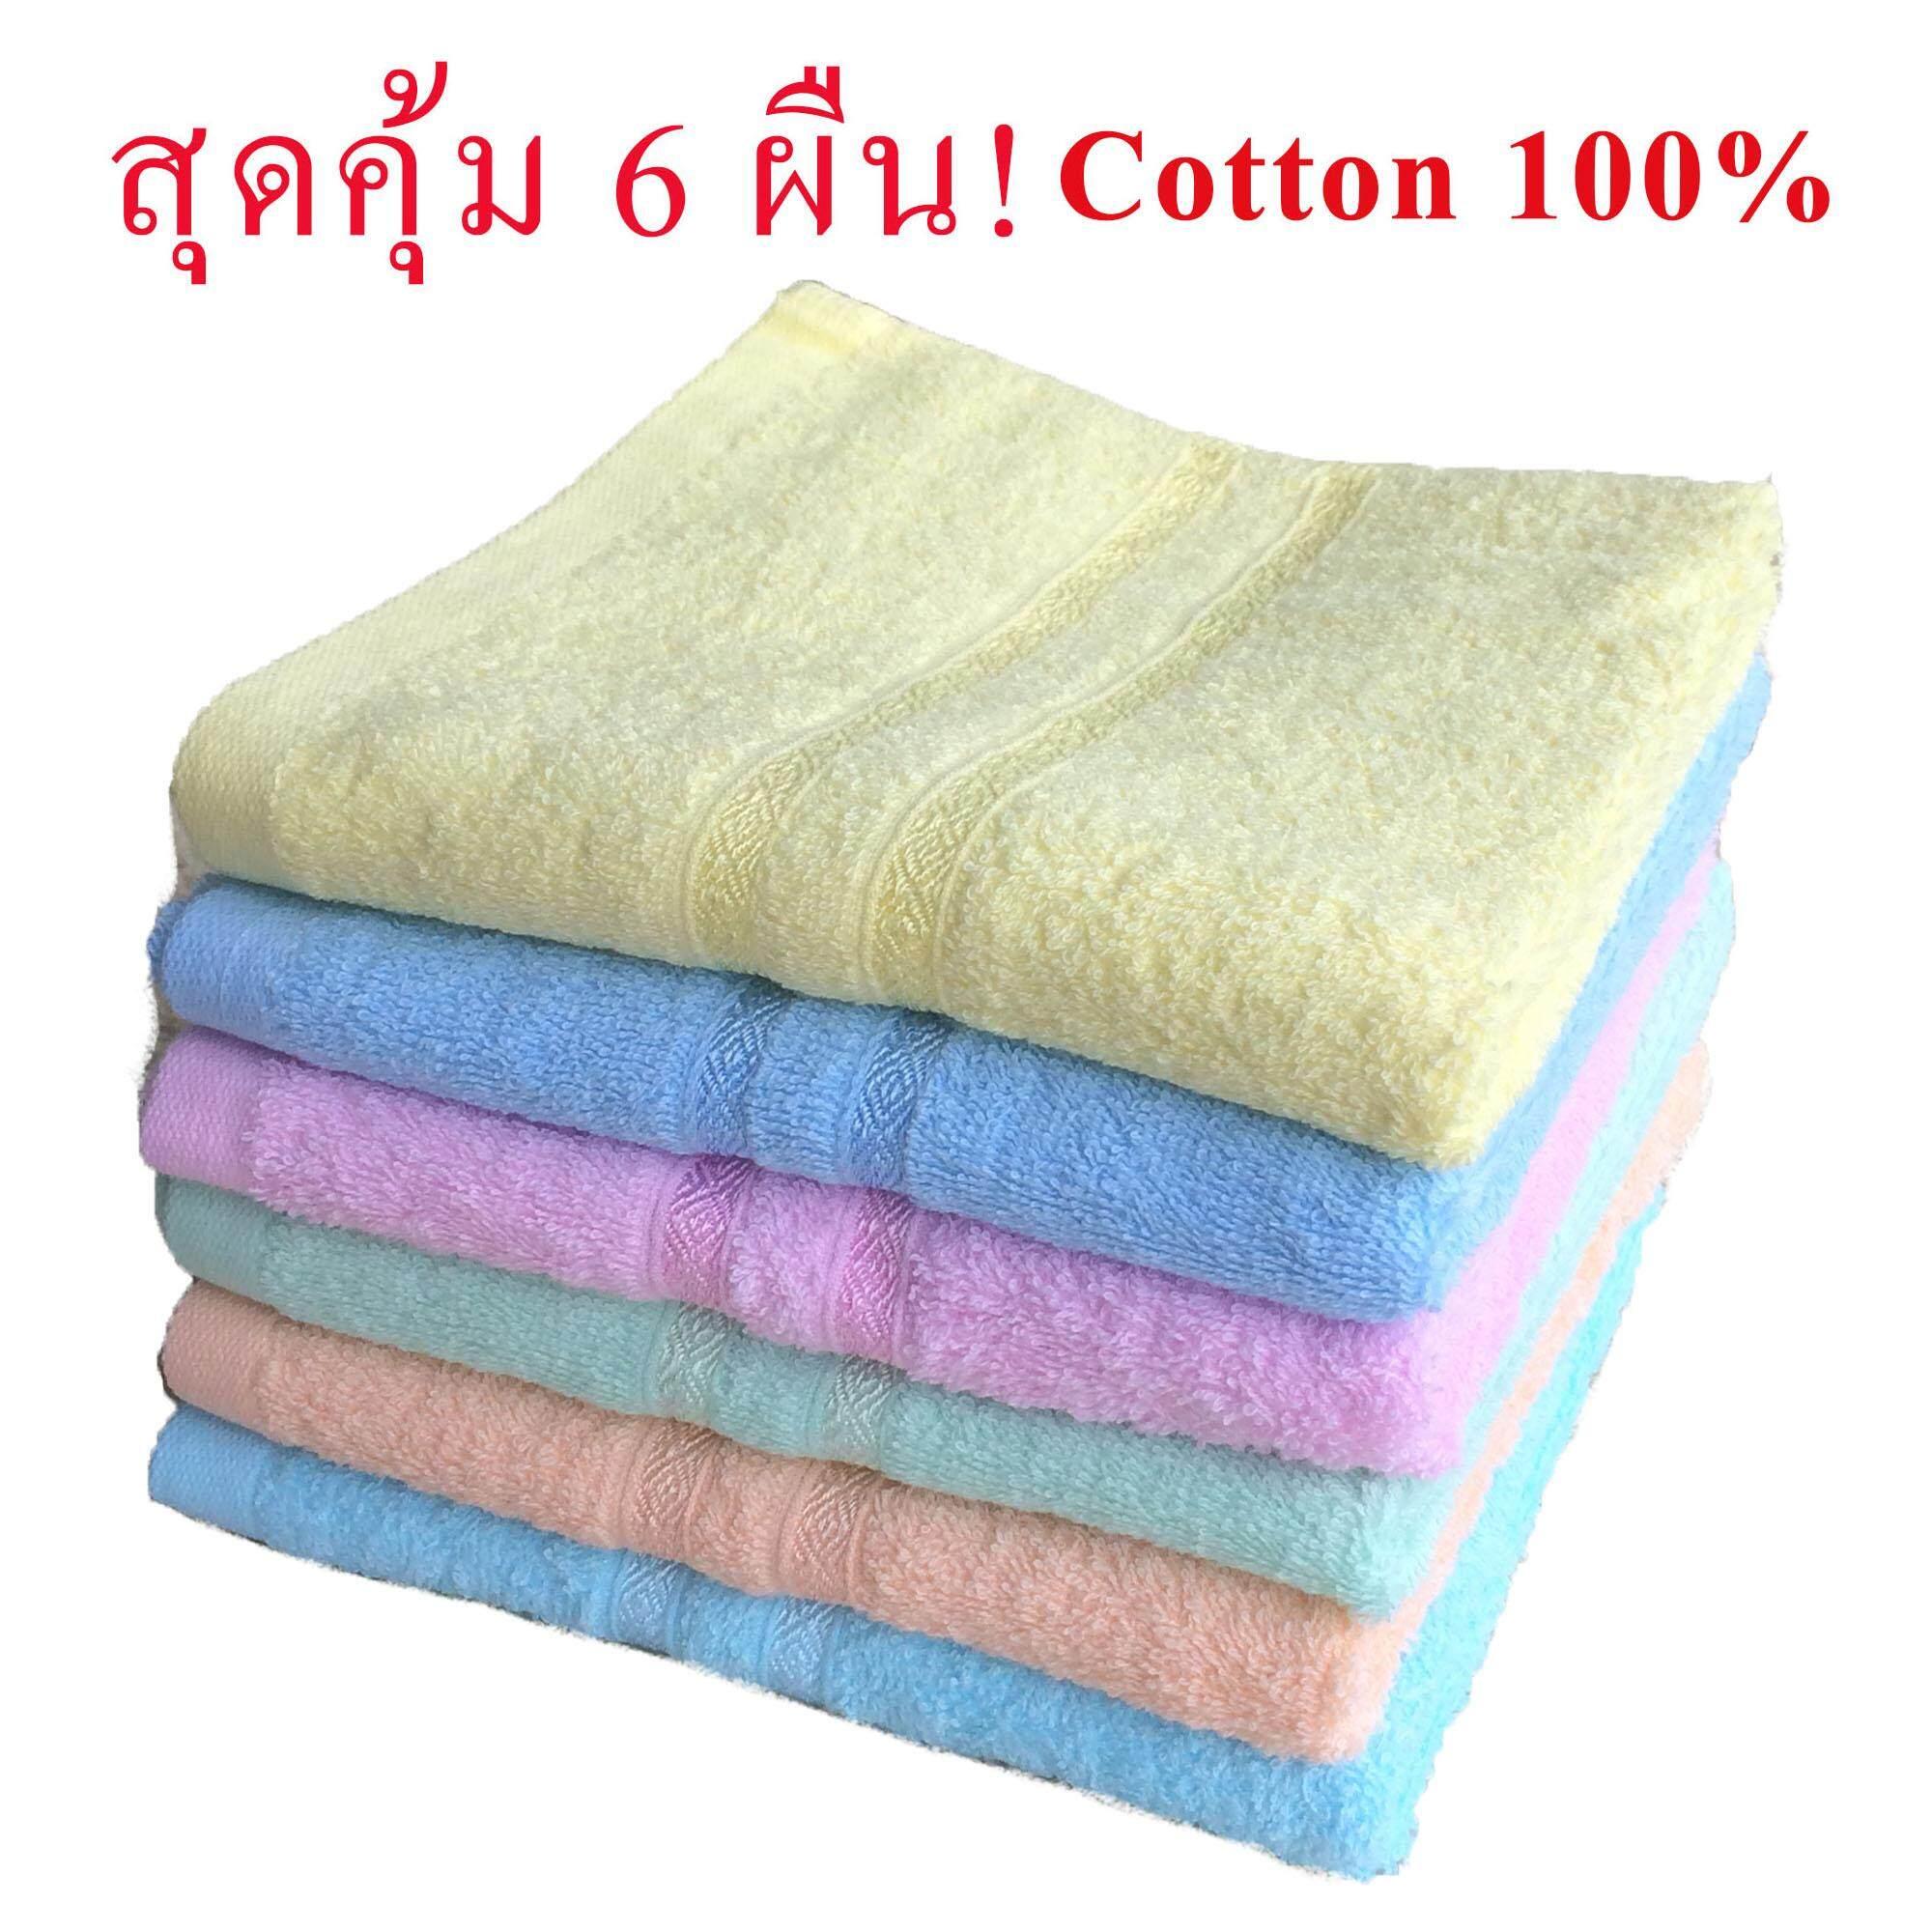 โปรโมชั่น Kamphu ผ้าเช็ดหน้า ผ้าคลุมไหล่ ผ้าเช็ดตัว ผ้าขนหนู ซับน้ำดี ขนาด 15x30 นิ้ว แพ็ค 6 ผืน